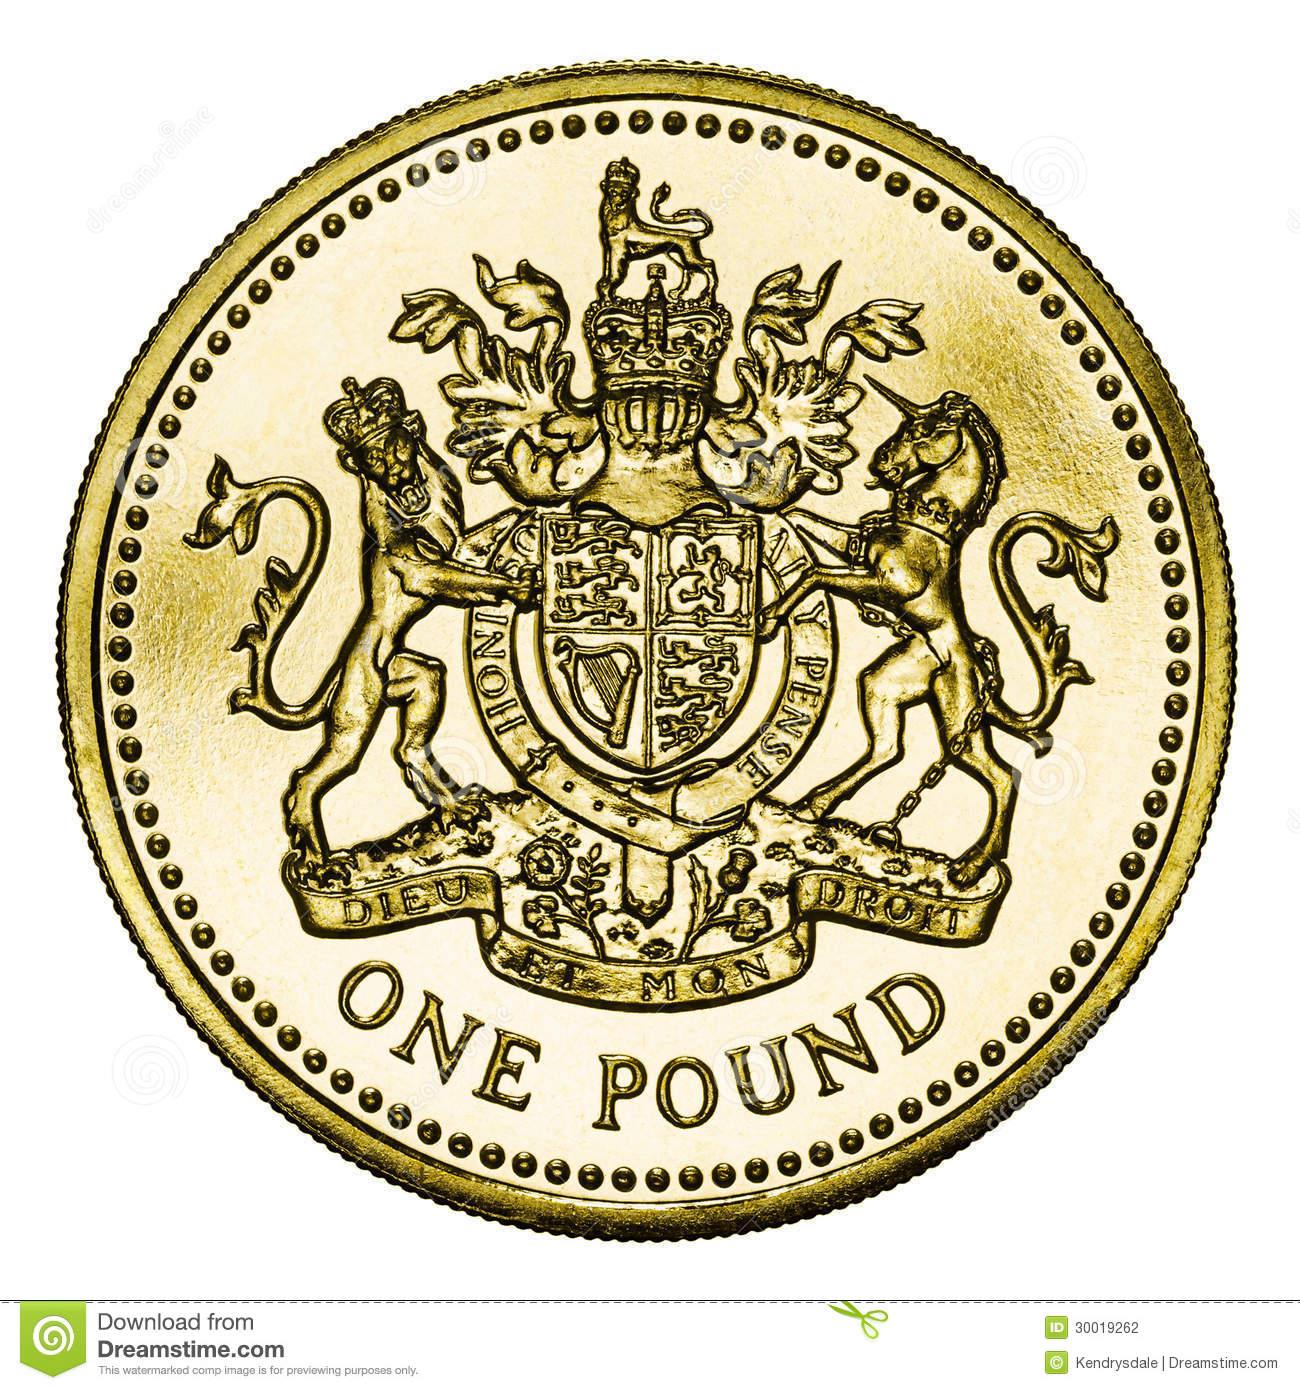 British pounds clipart.